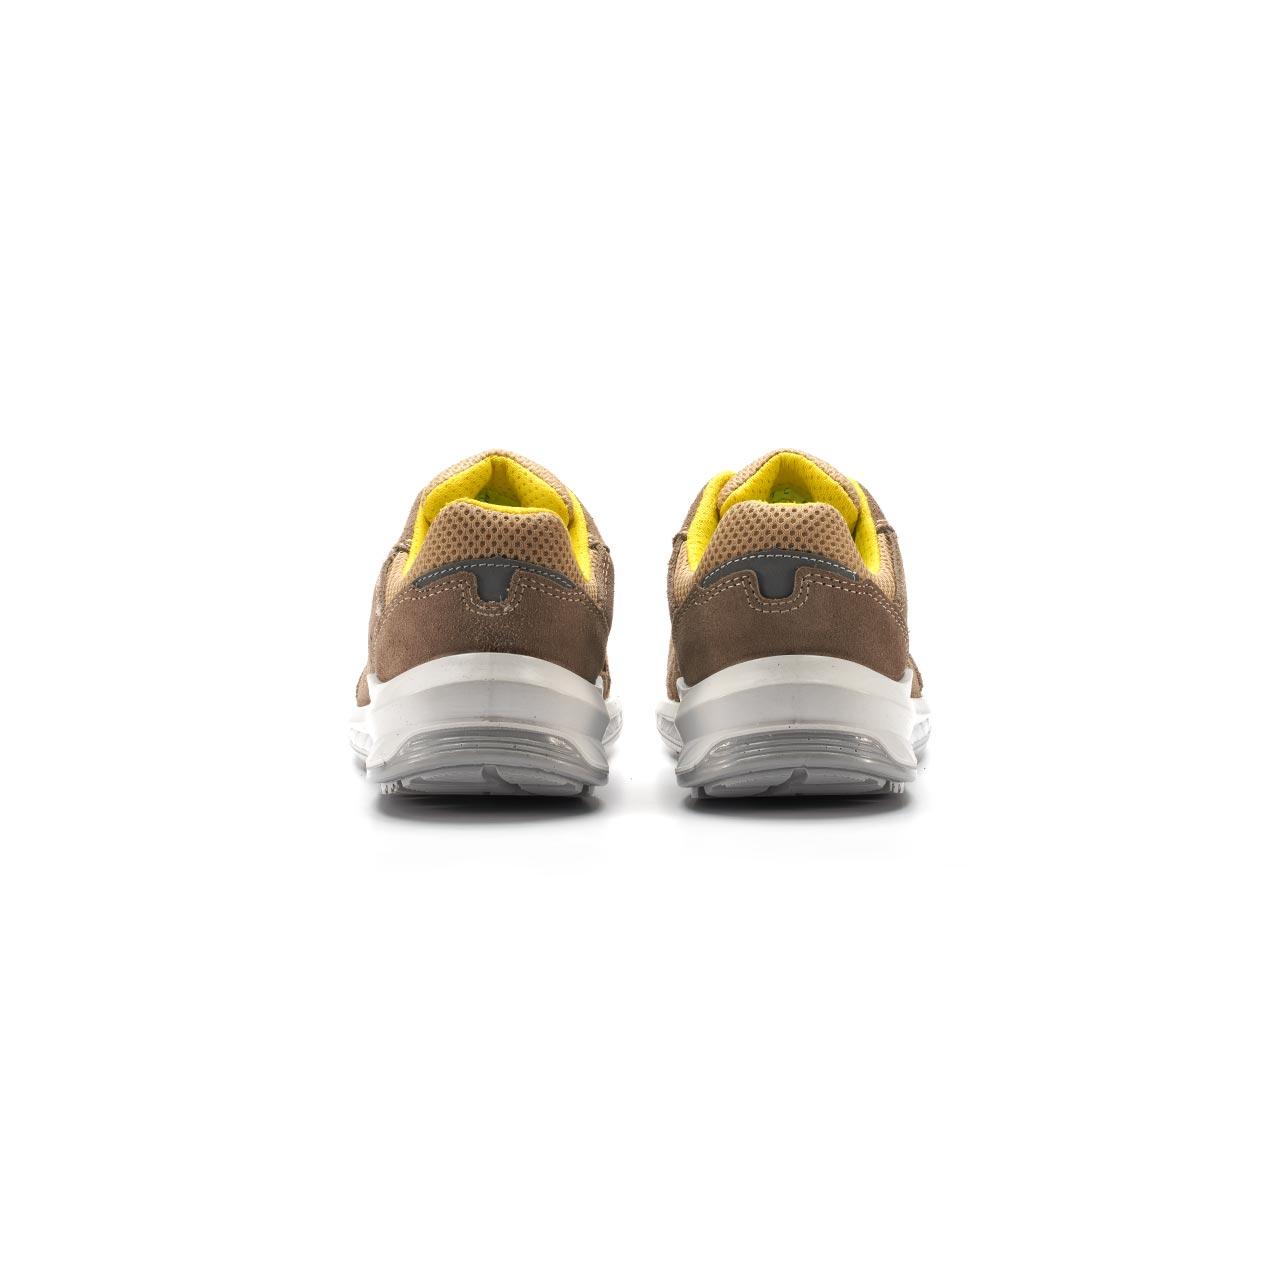 paio di scarpe antinfortunistiche upower modello reflex linea redindustry vista retro